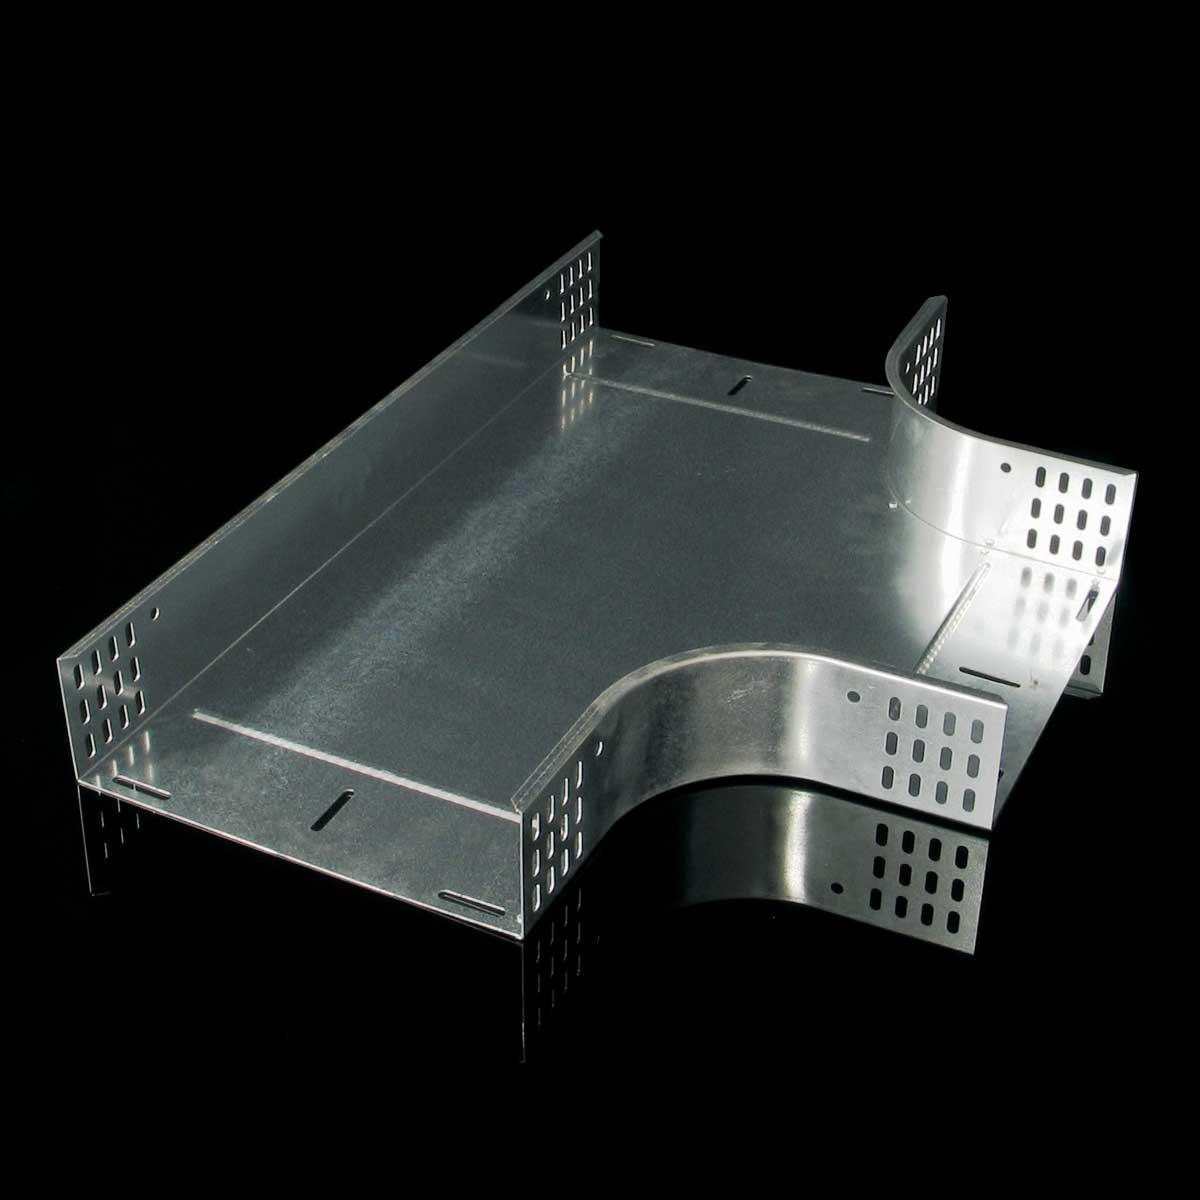 Відгалужувач горизонтальний Т-подібний JUPITER; розміри-110x400x600mm Товщ. метал-1 Вага-4,95кг/м